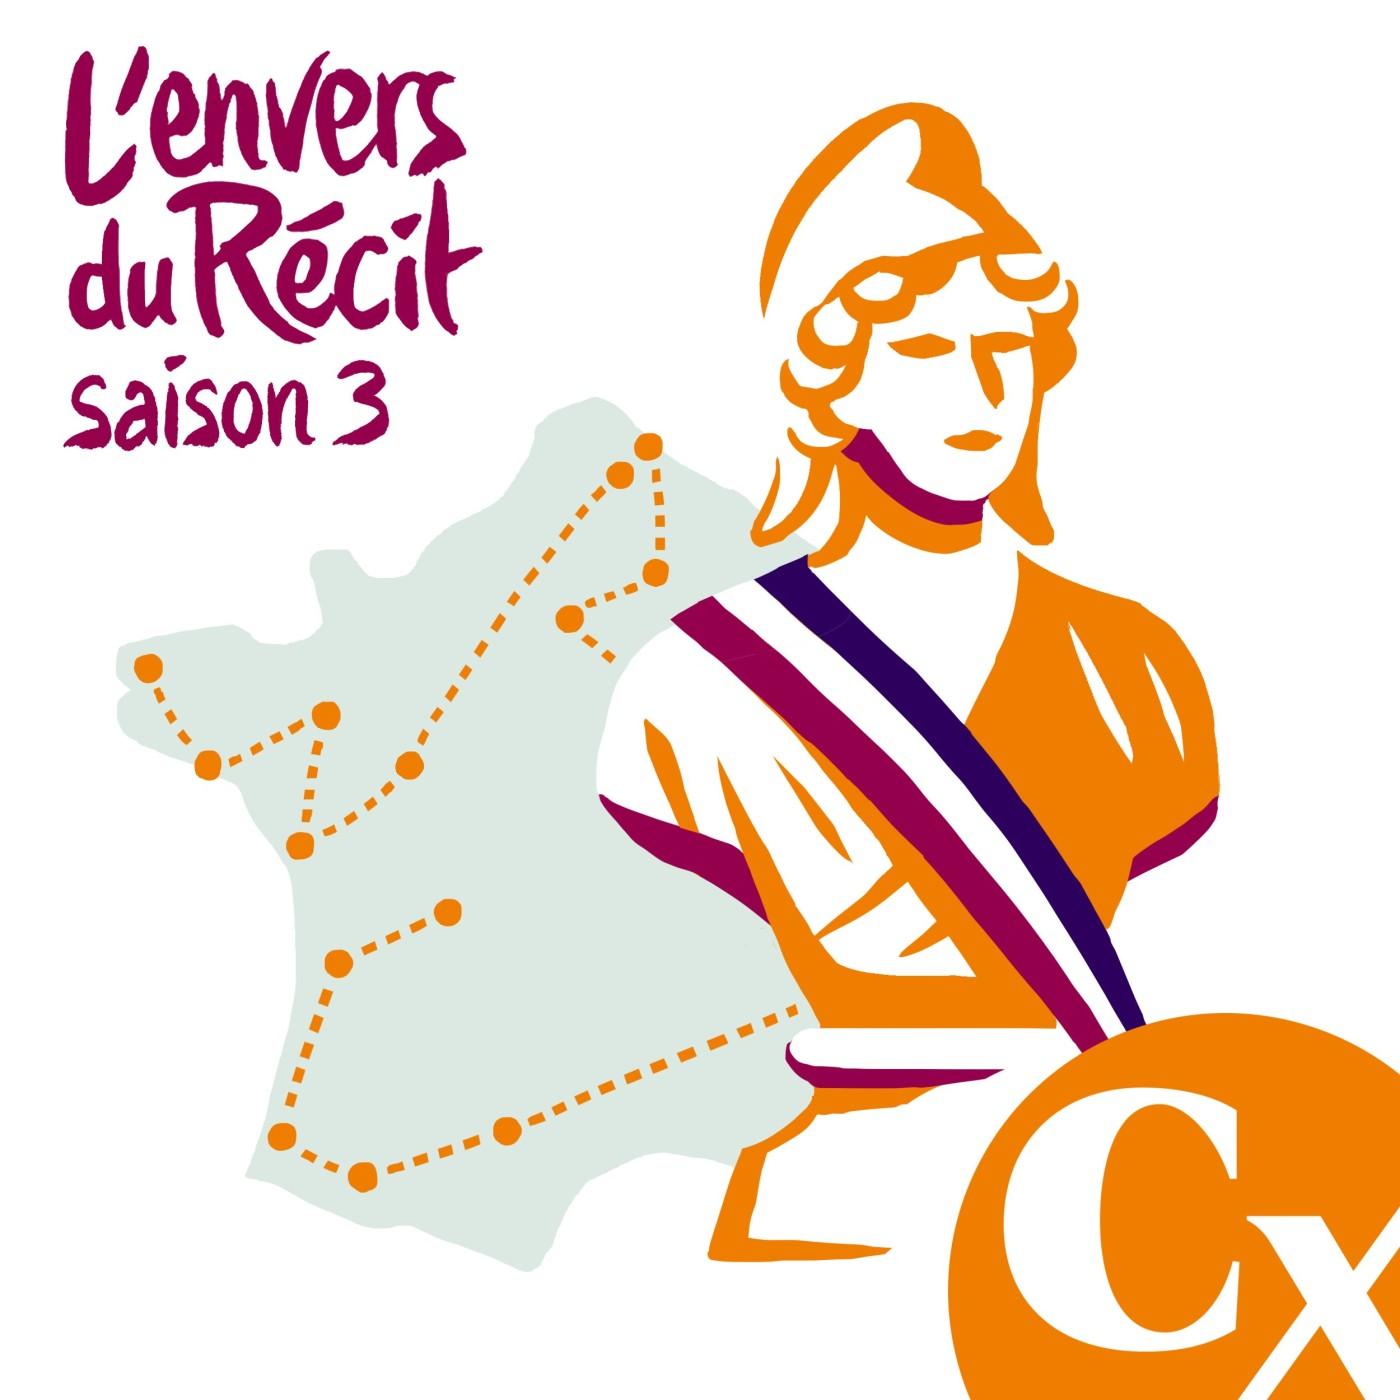 Municipales, mon tour de France des maires - Gauthier Vaillant - S3E1